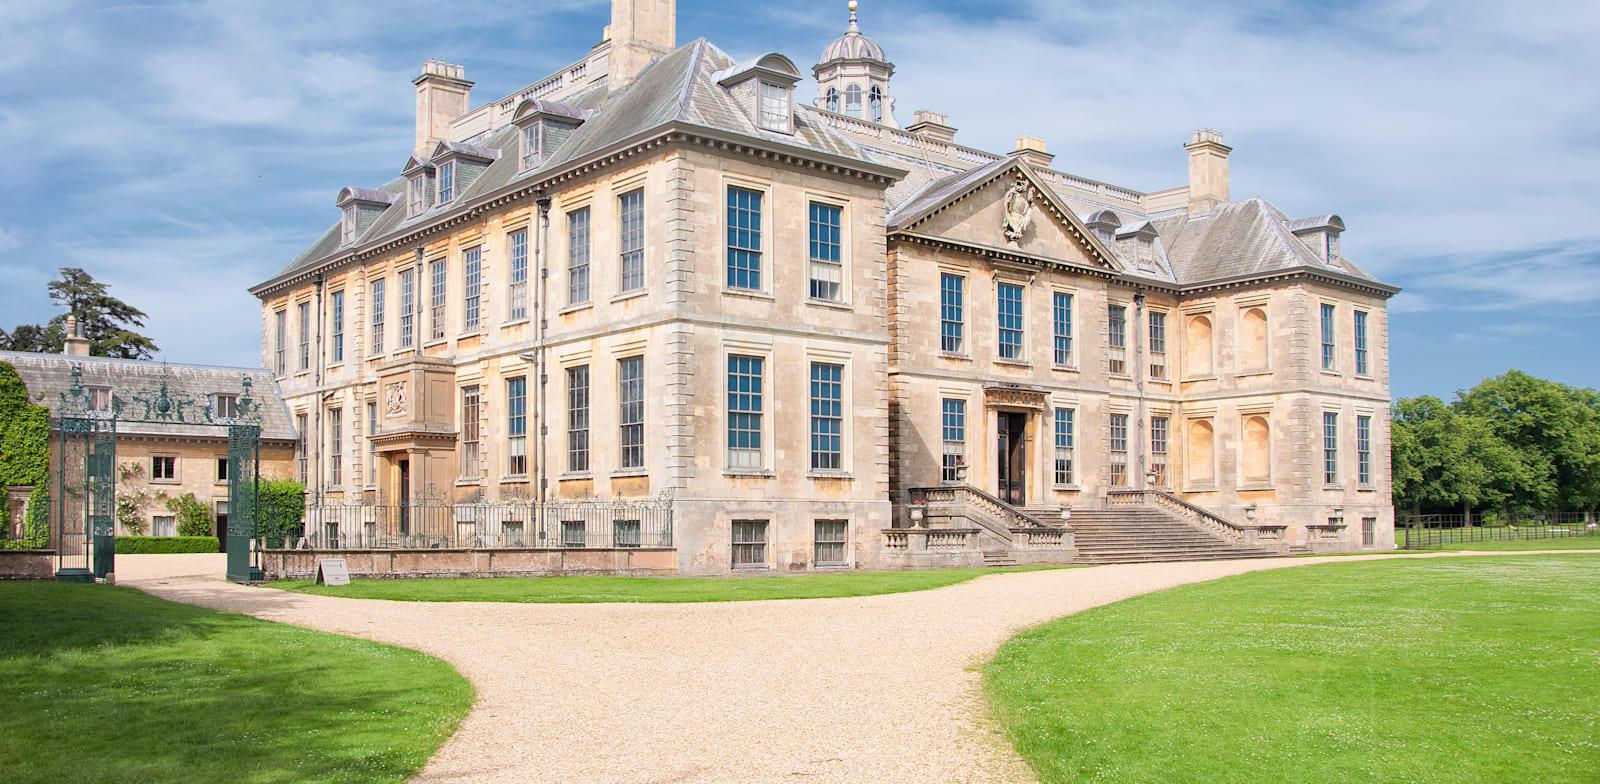 אחוזה בבריטניה. בדרך כלל יש בית קטן נוסף לצוות / צילום: Shutterstock